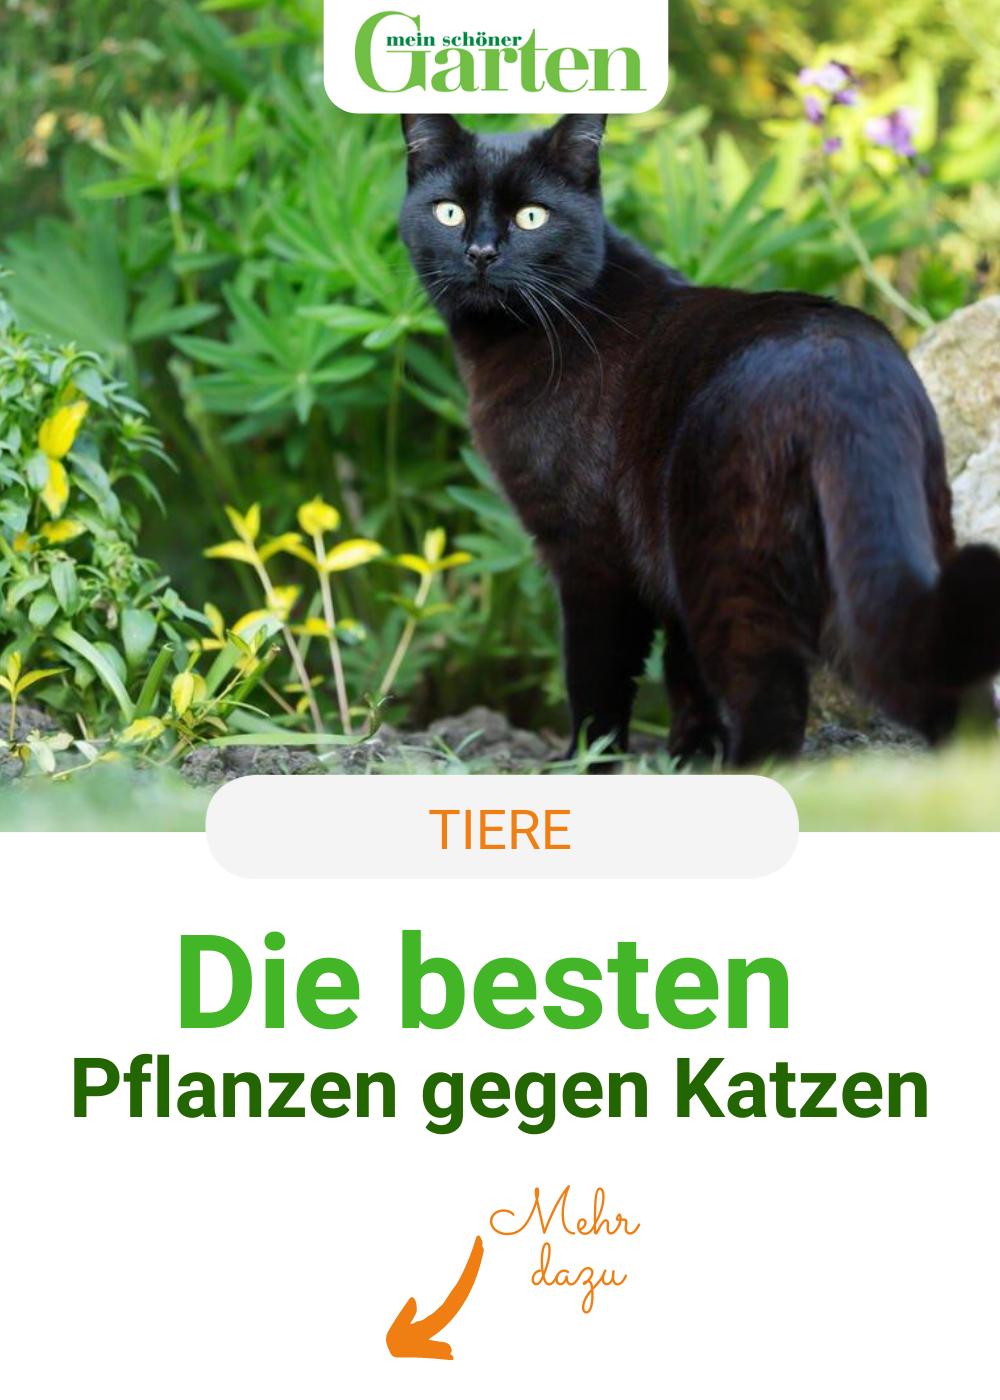 Die Besten Pflanzen Gegen Katzen Pflanzen Gegen Katzen Tiere Katzen